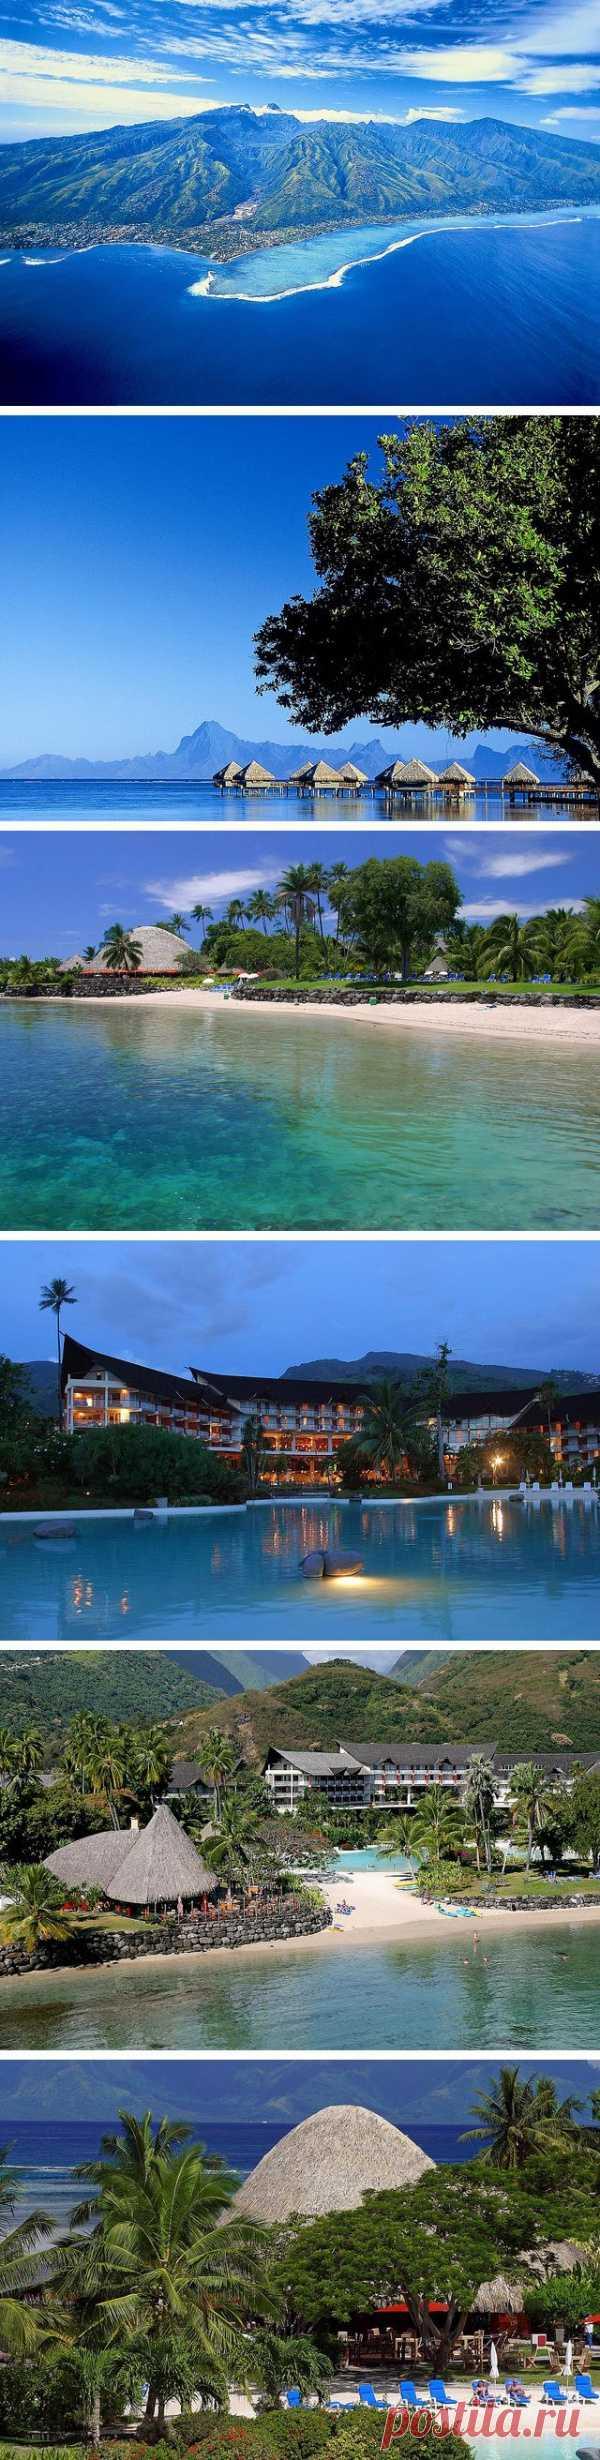 Прикоснуться к кусочку девственной, первозданной природы. Остров Таити, Французская Полинезия